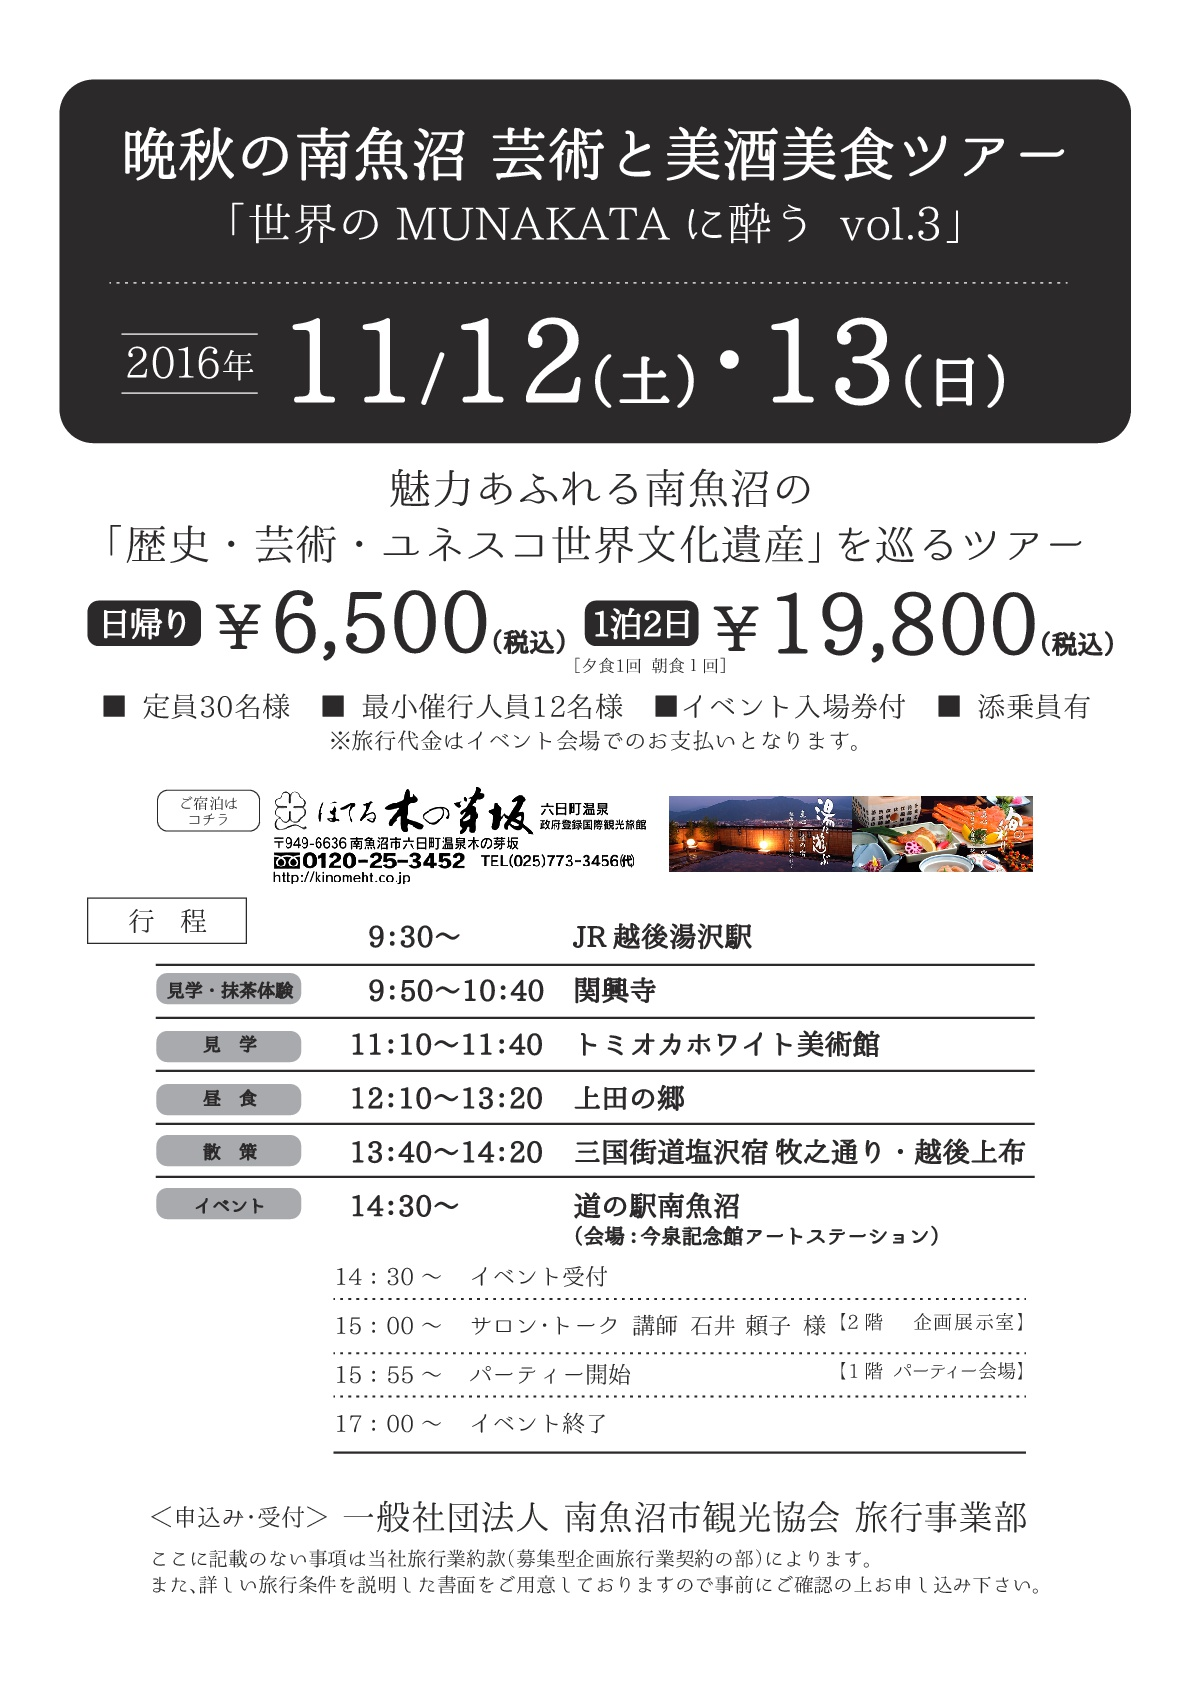 munakata_com